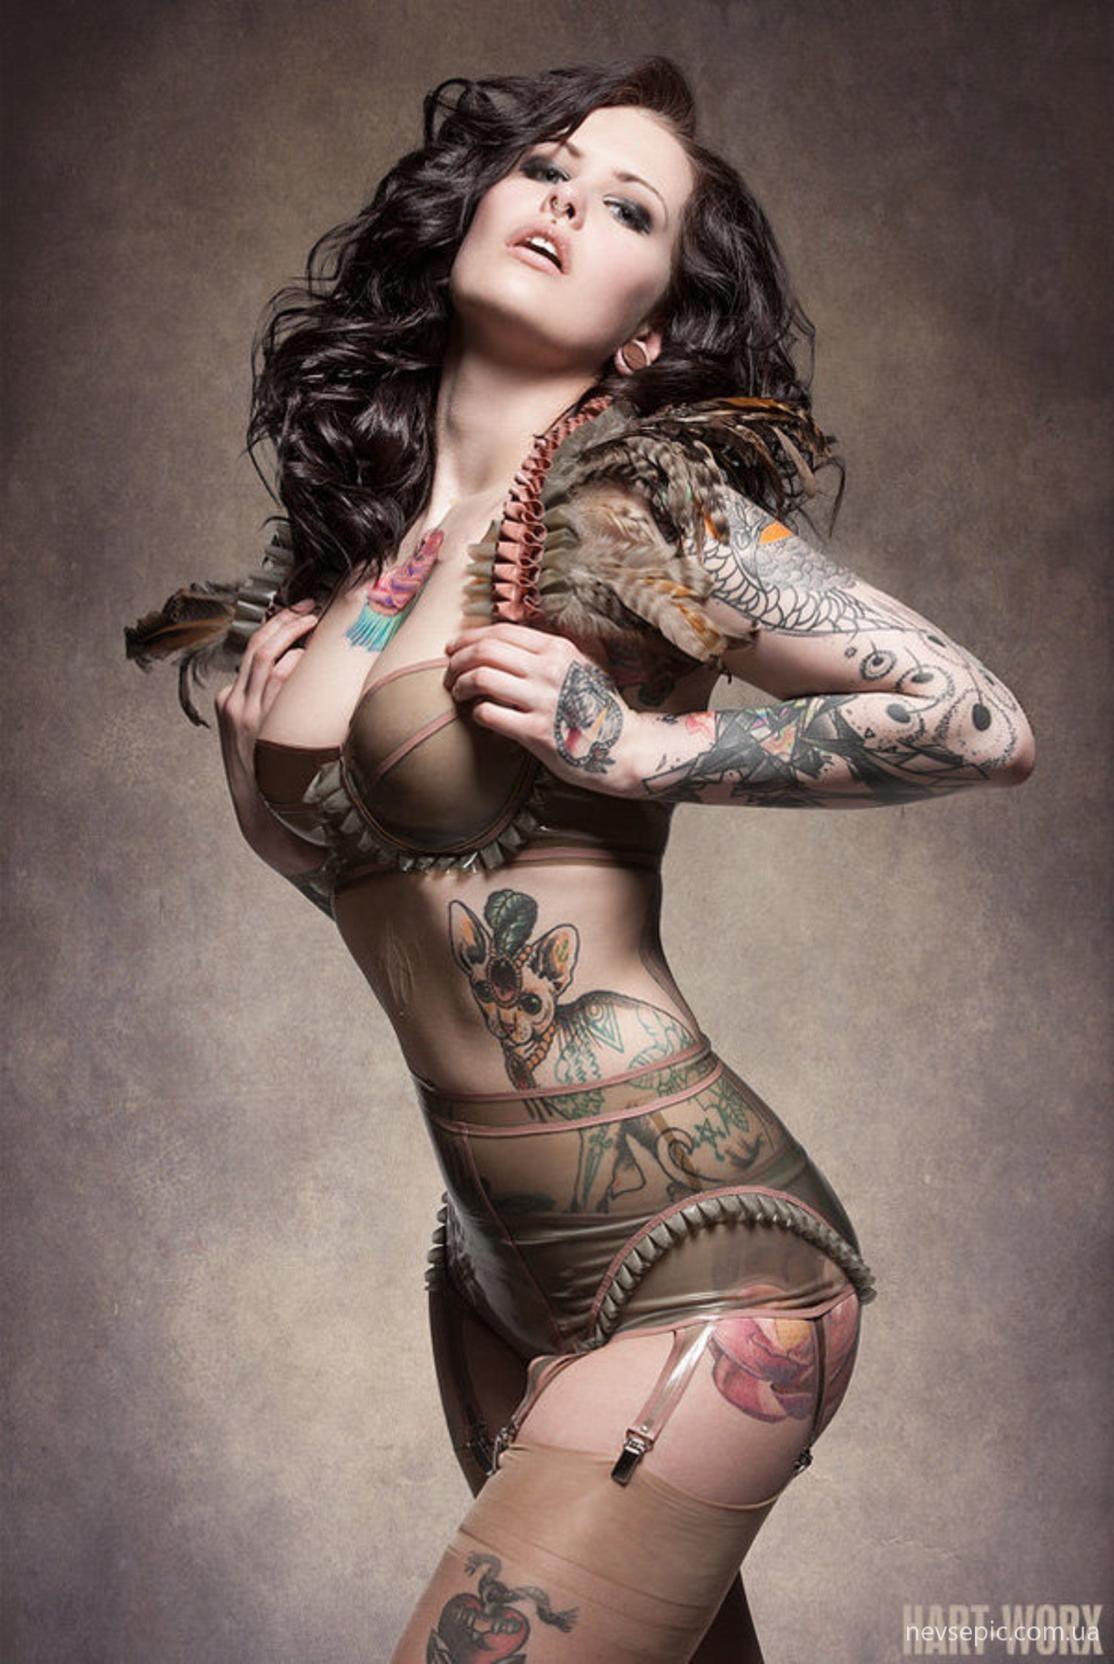 Татуировки по всему телу фото 11 фотография